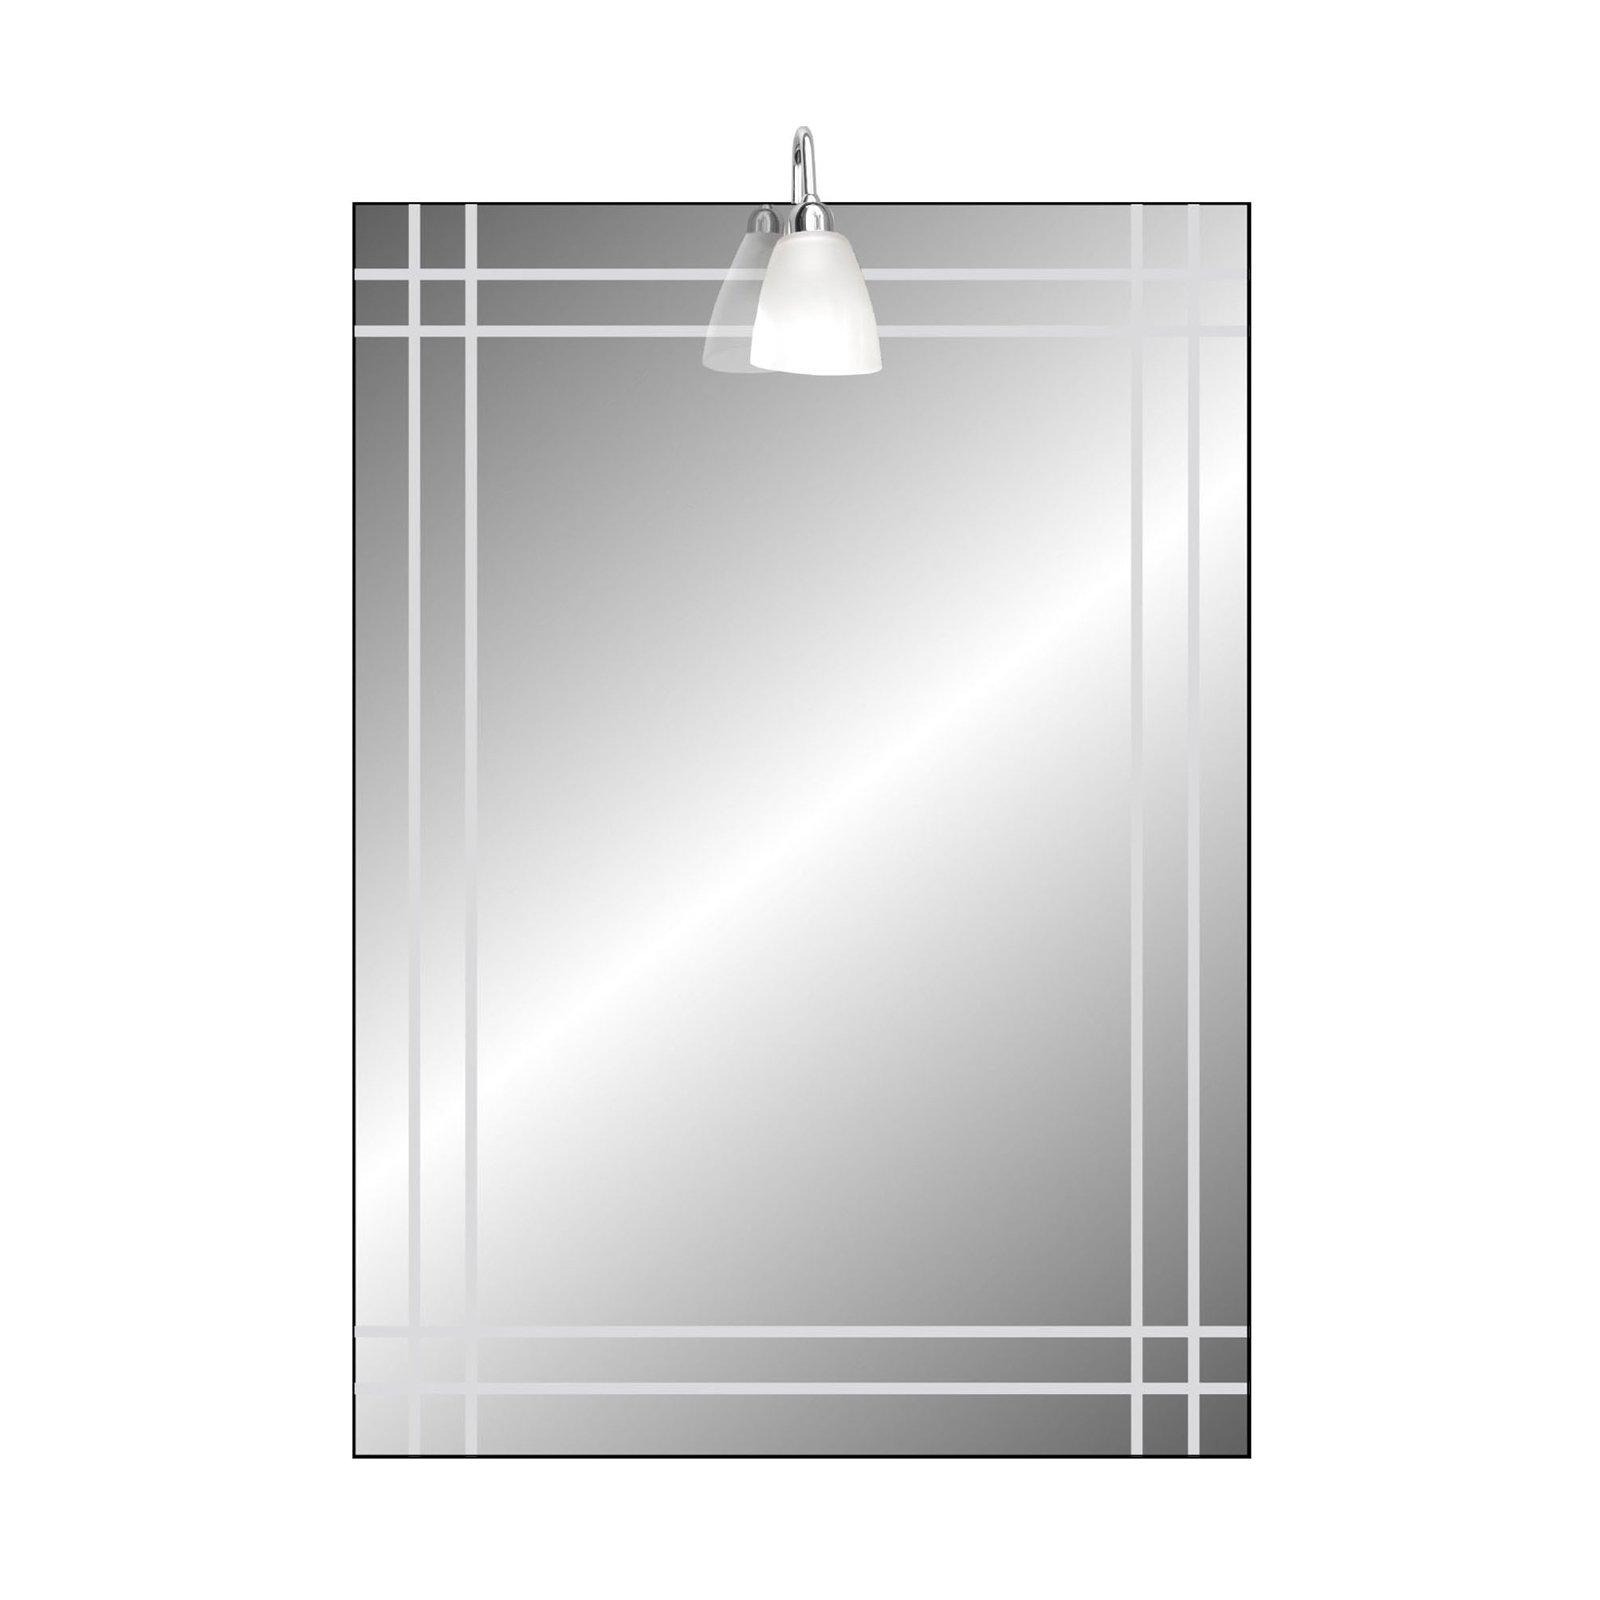 Specchi sopra il lavabo cose di casa - Specchi adesivi da parete ...